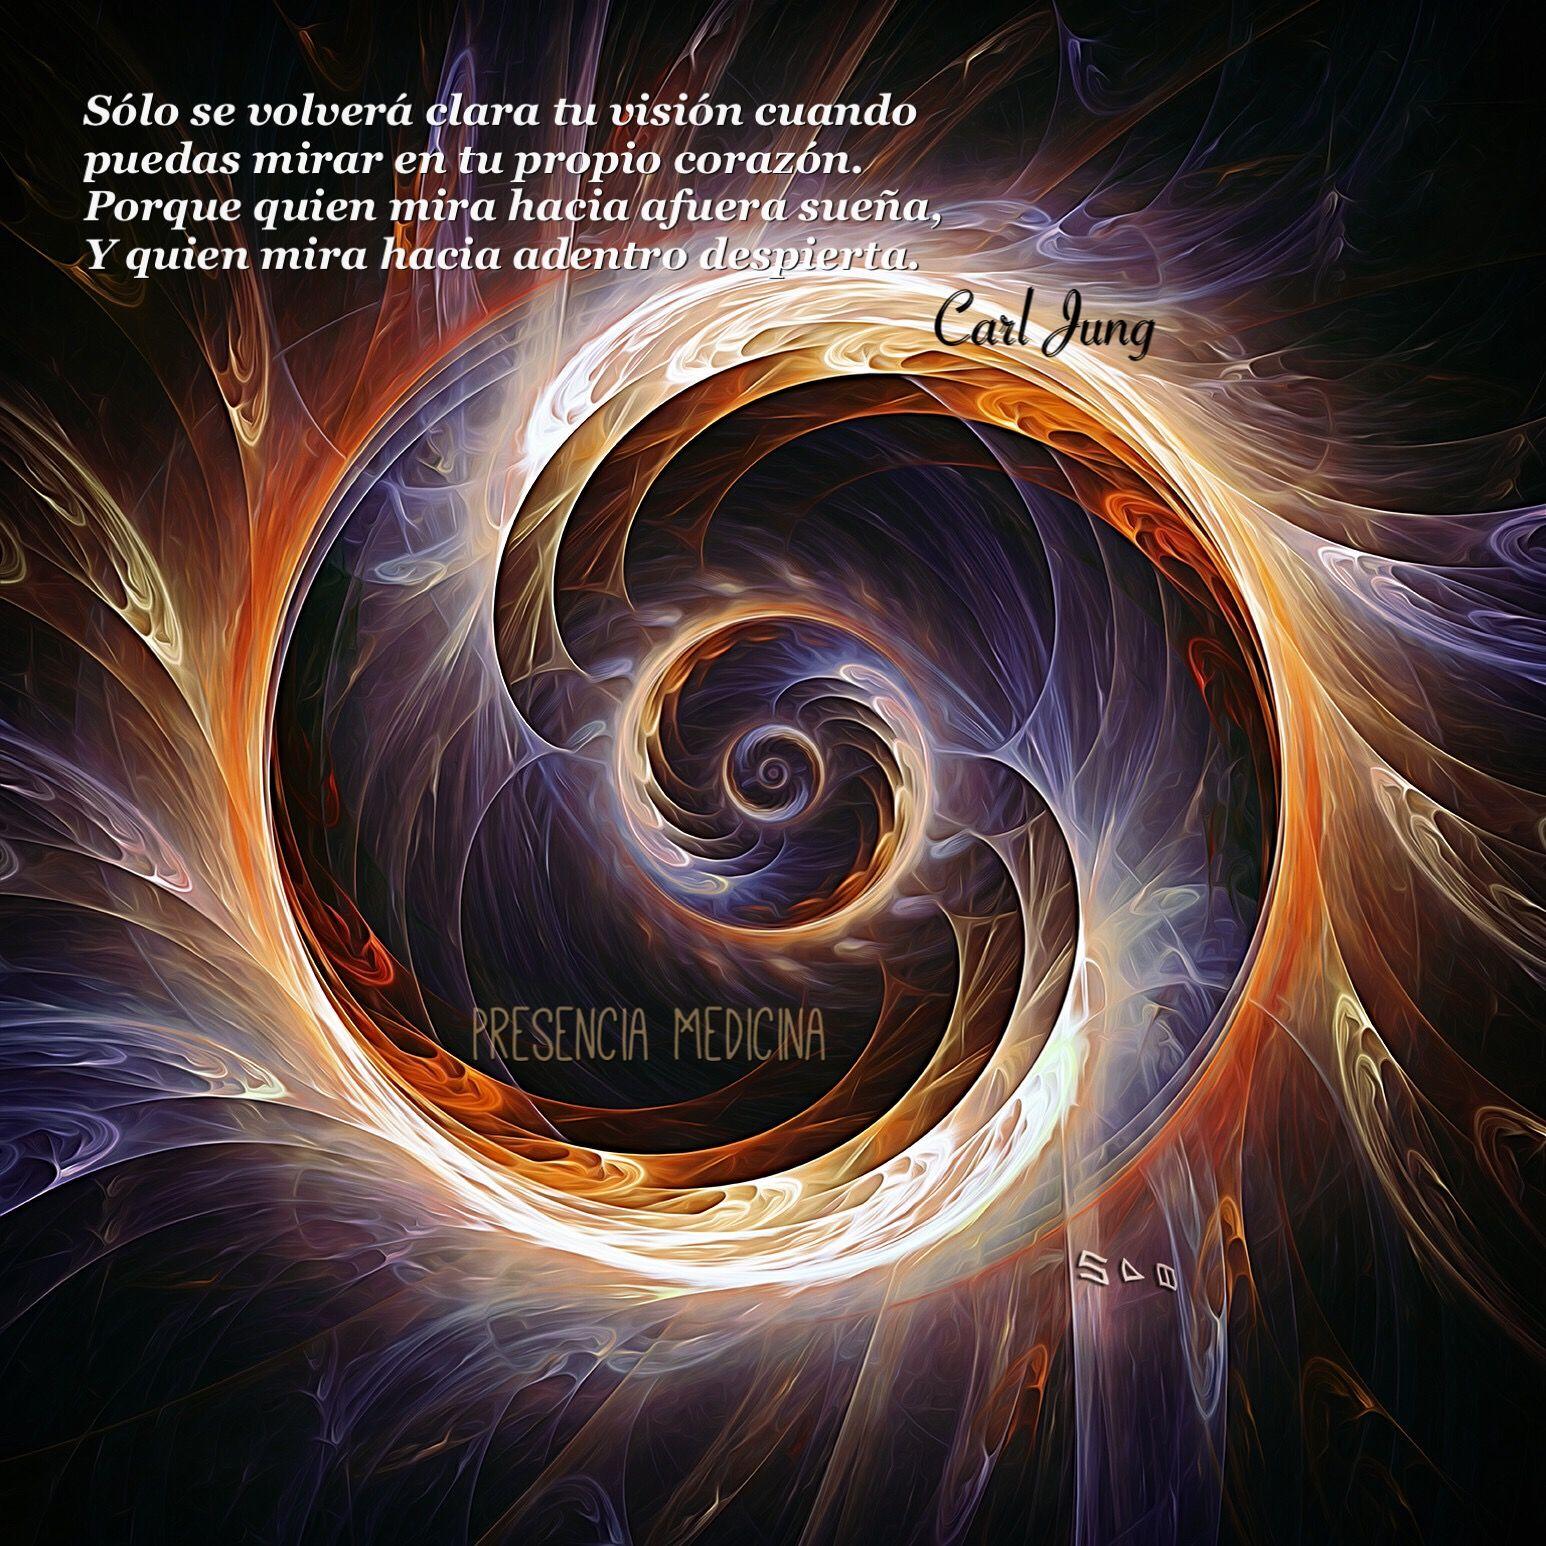 http://terapiasreikiakash.wix.com/presencia-medicina